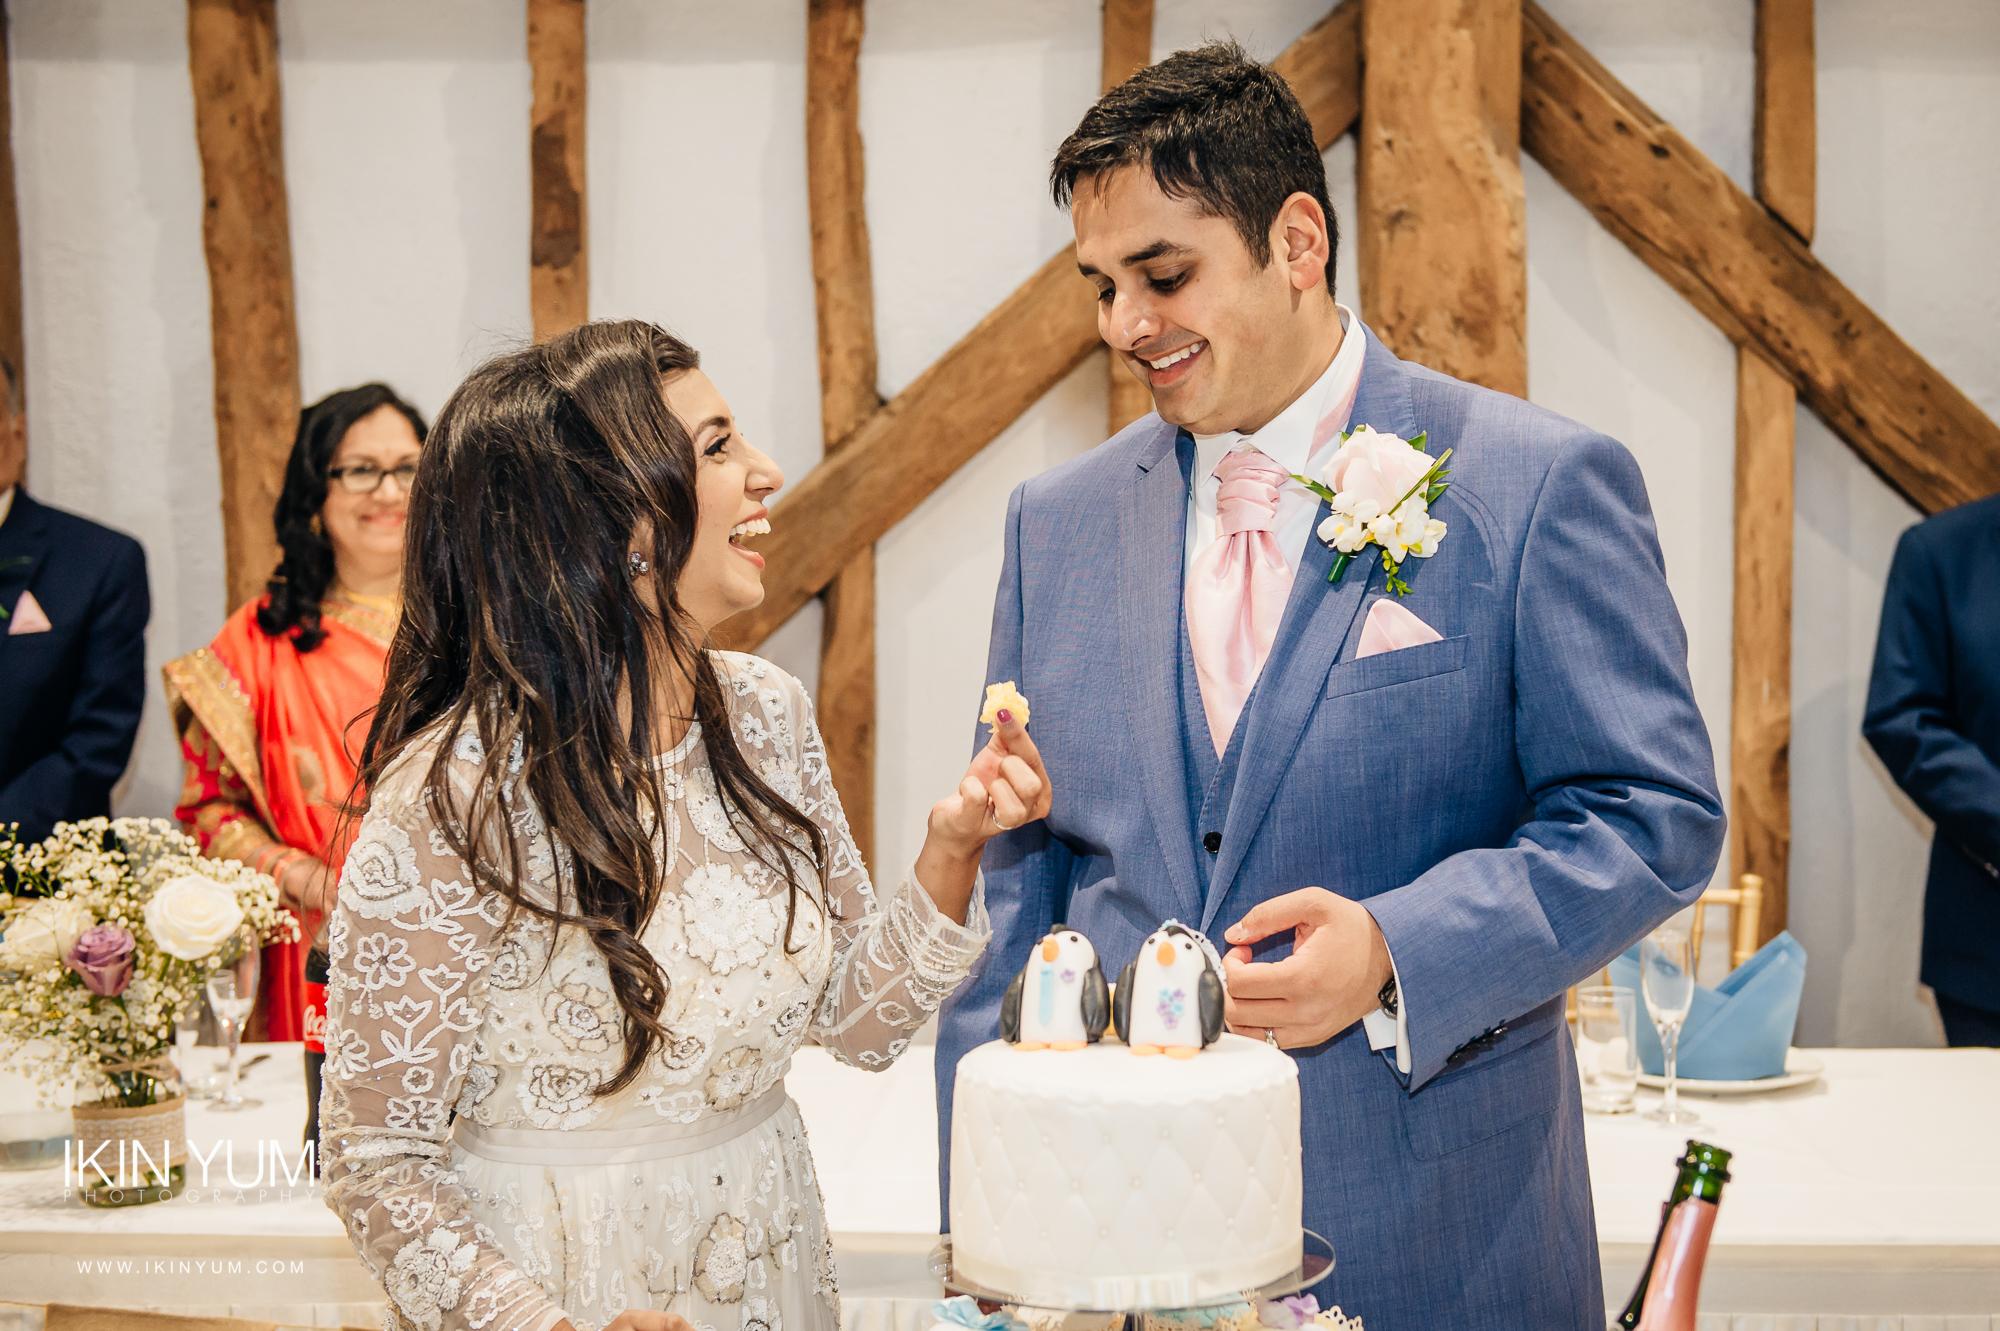 The Great Barn Wedding- Ikin Yum Photography-0090.jpg